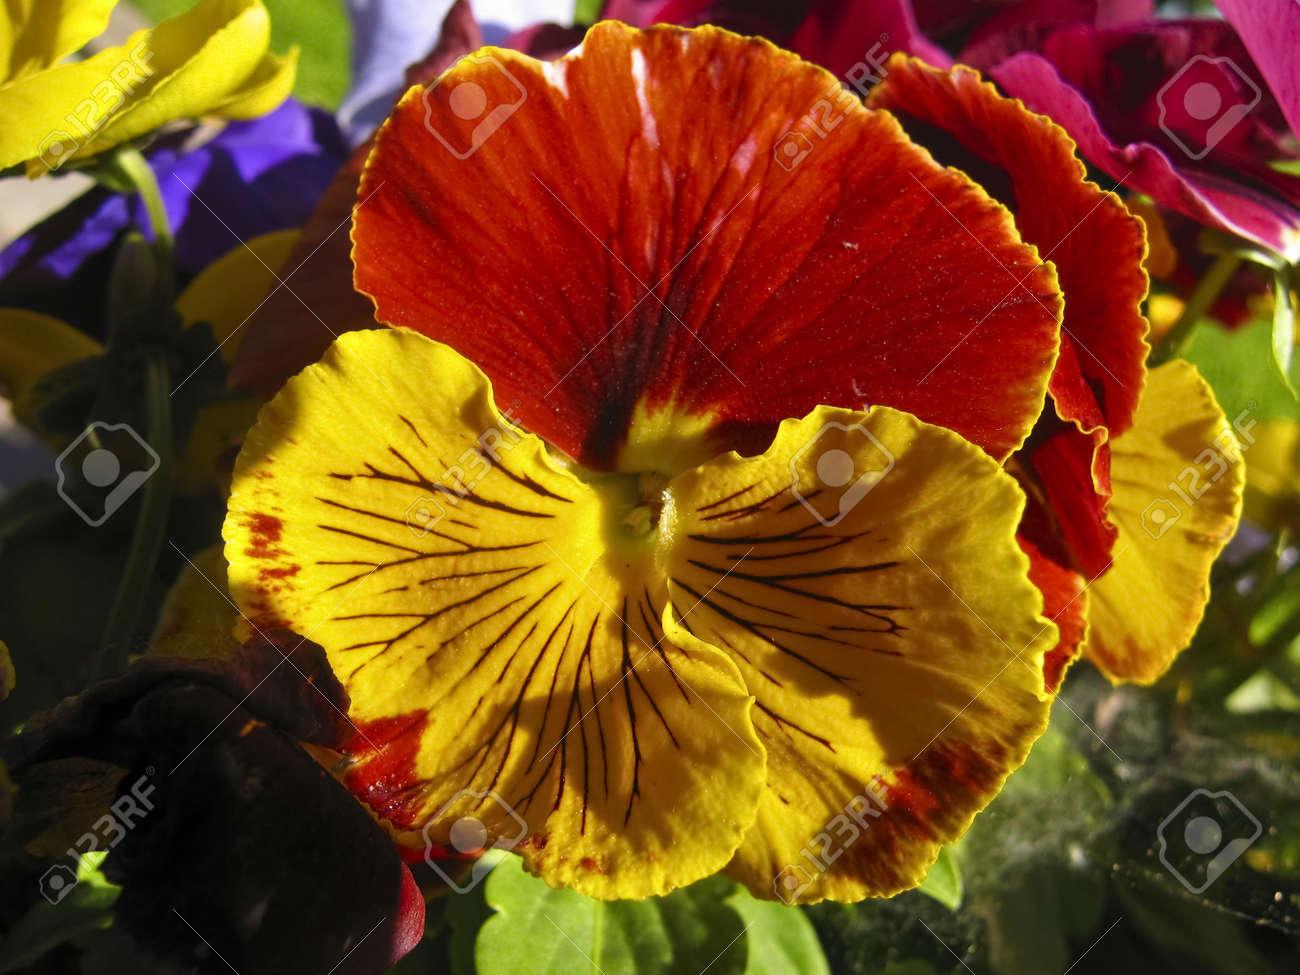 Une Fleur De Pensee Viola Tricolor De Couleurs Jaune Et Orange A